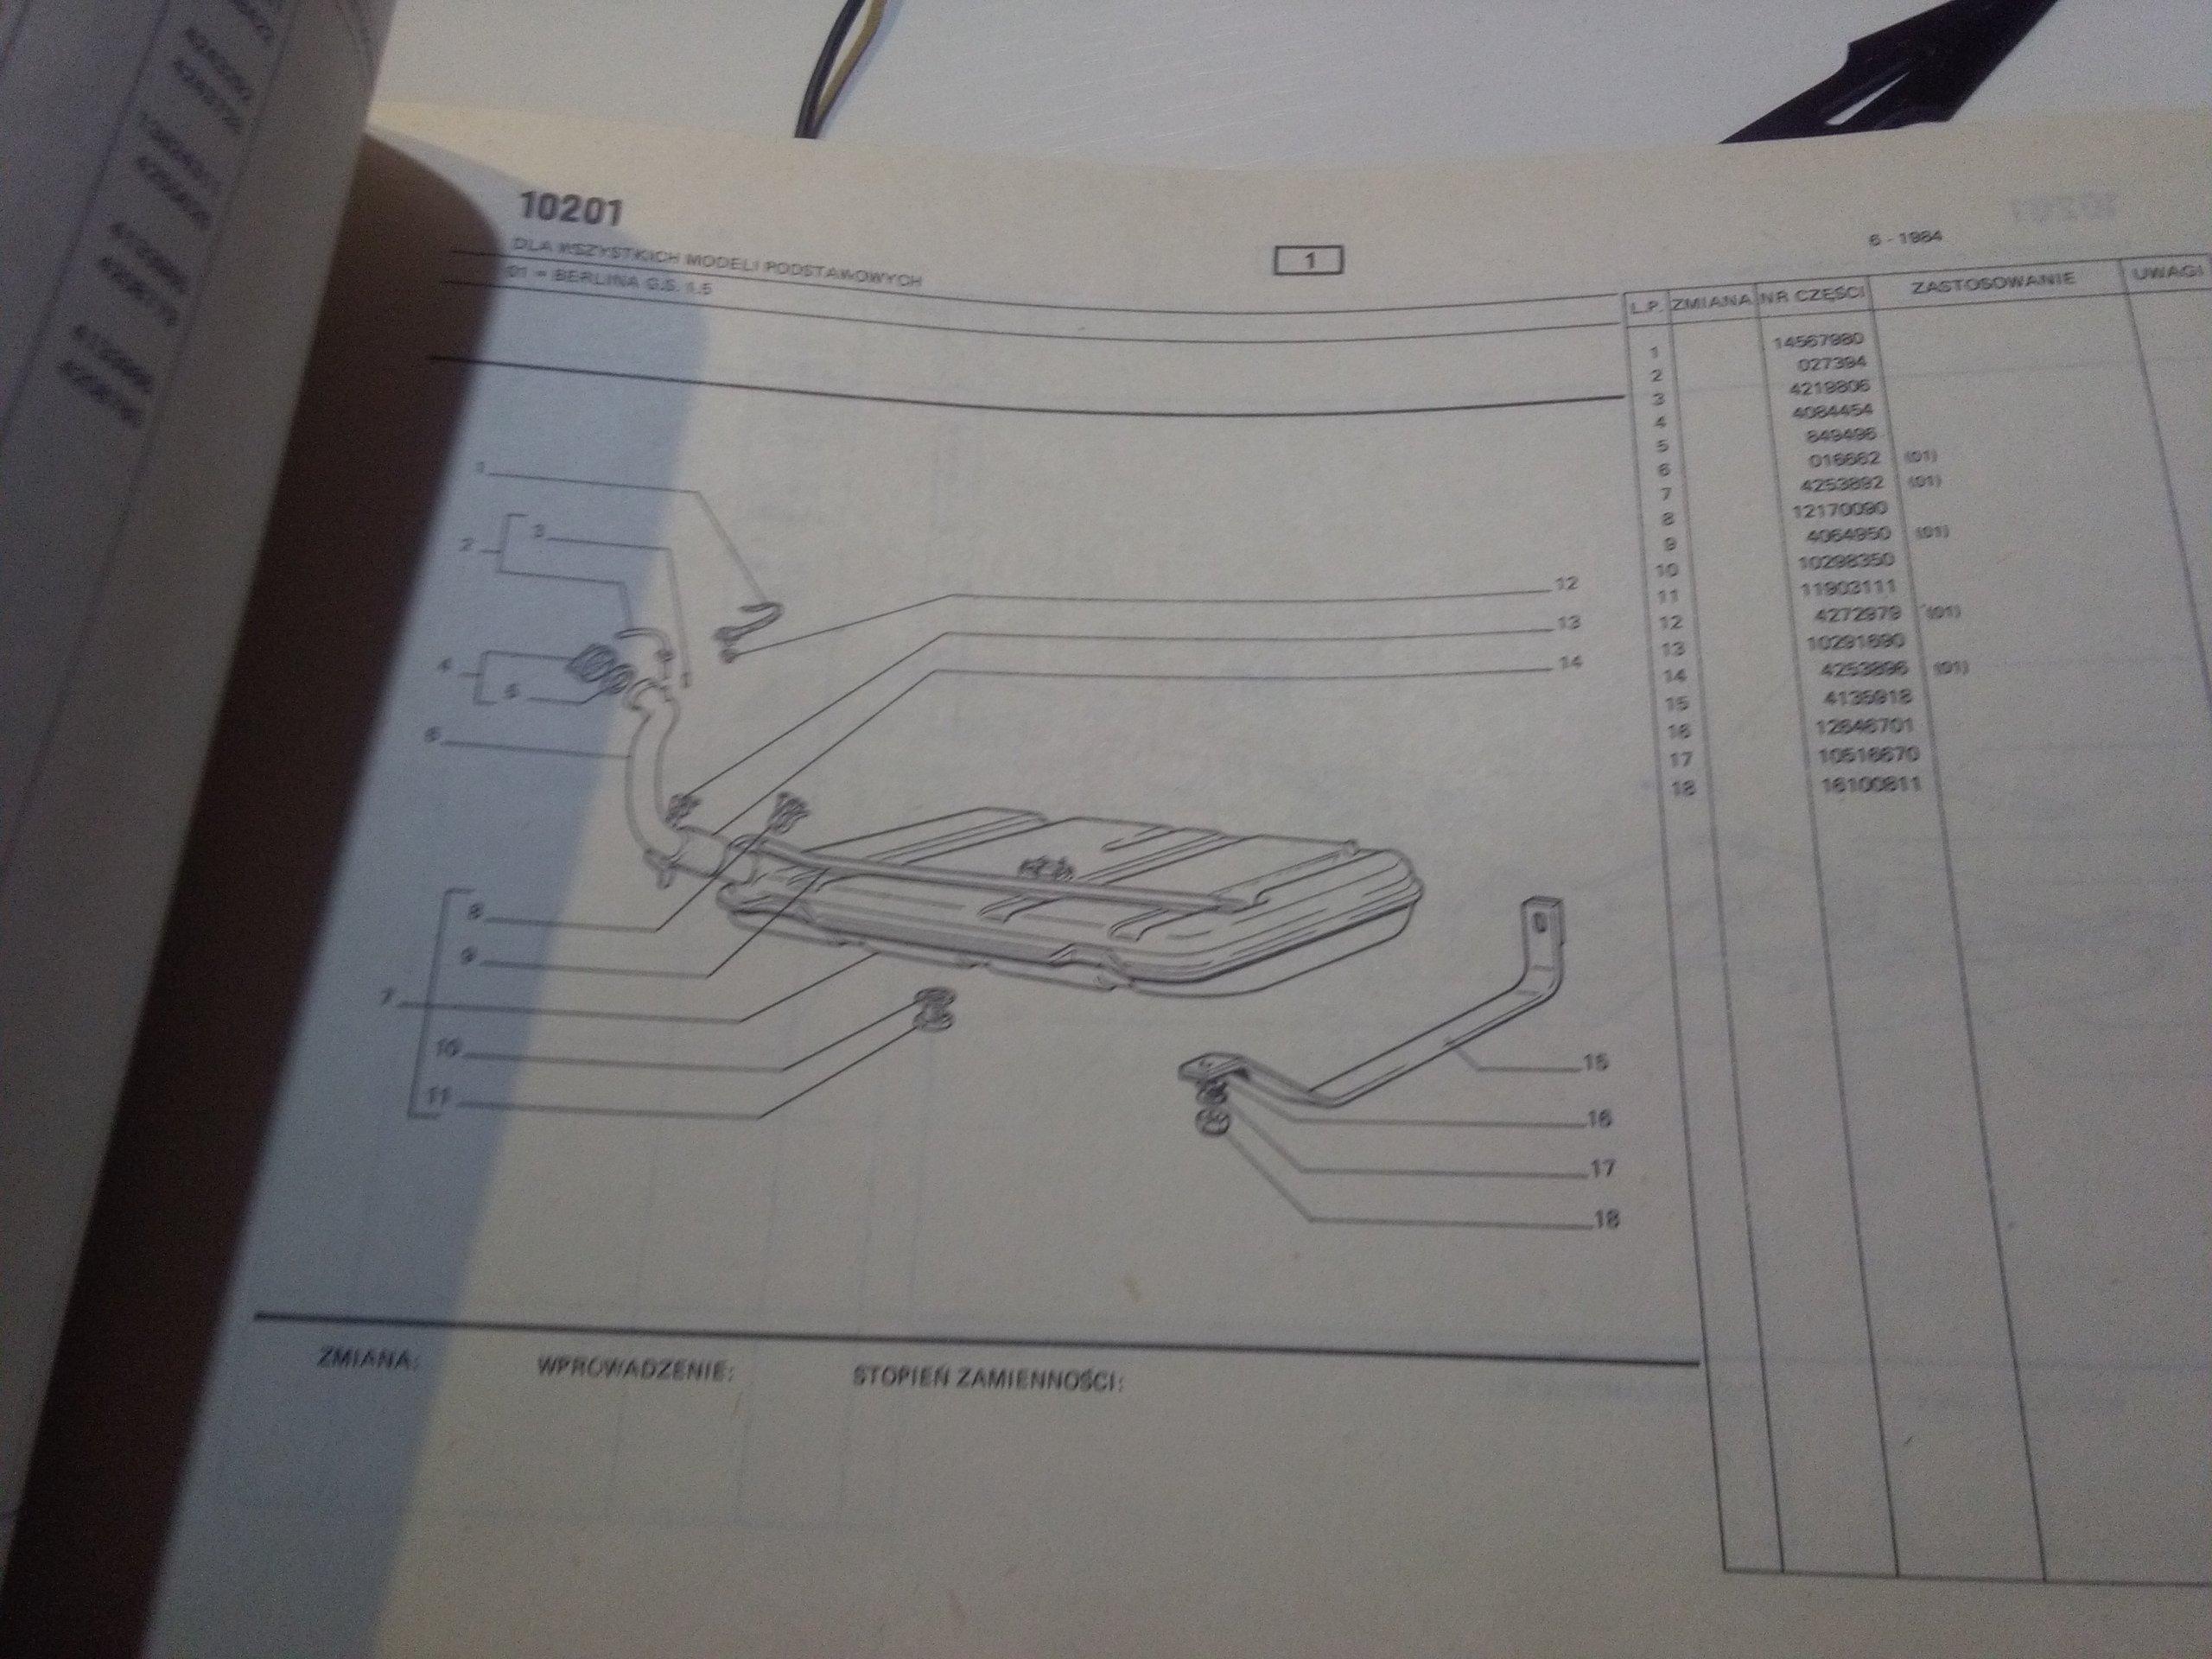 katalog części zamiennych fiat 125p fso aneks - 7017401336